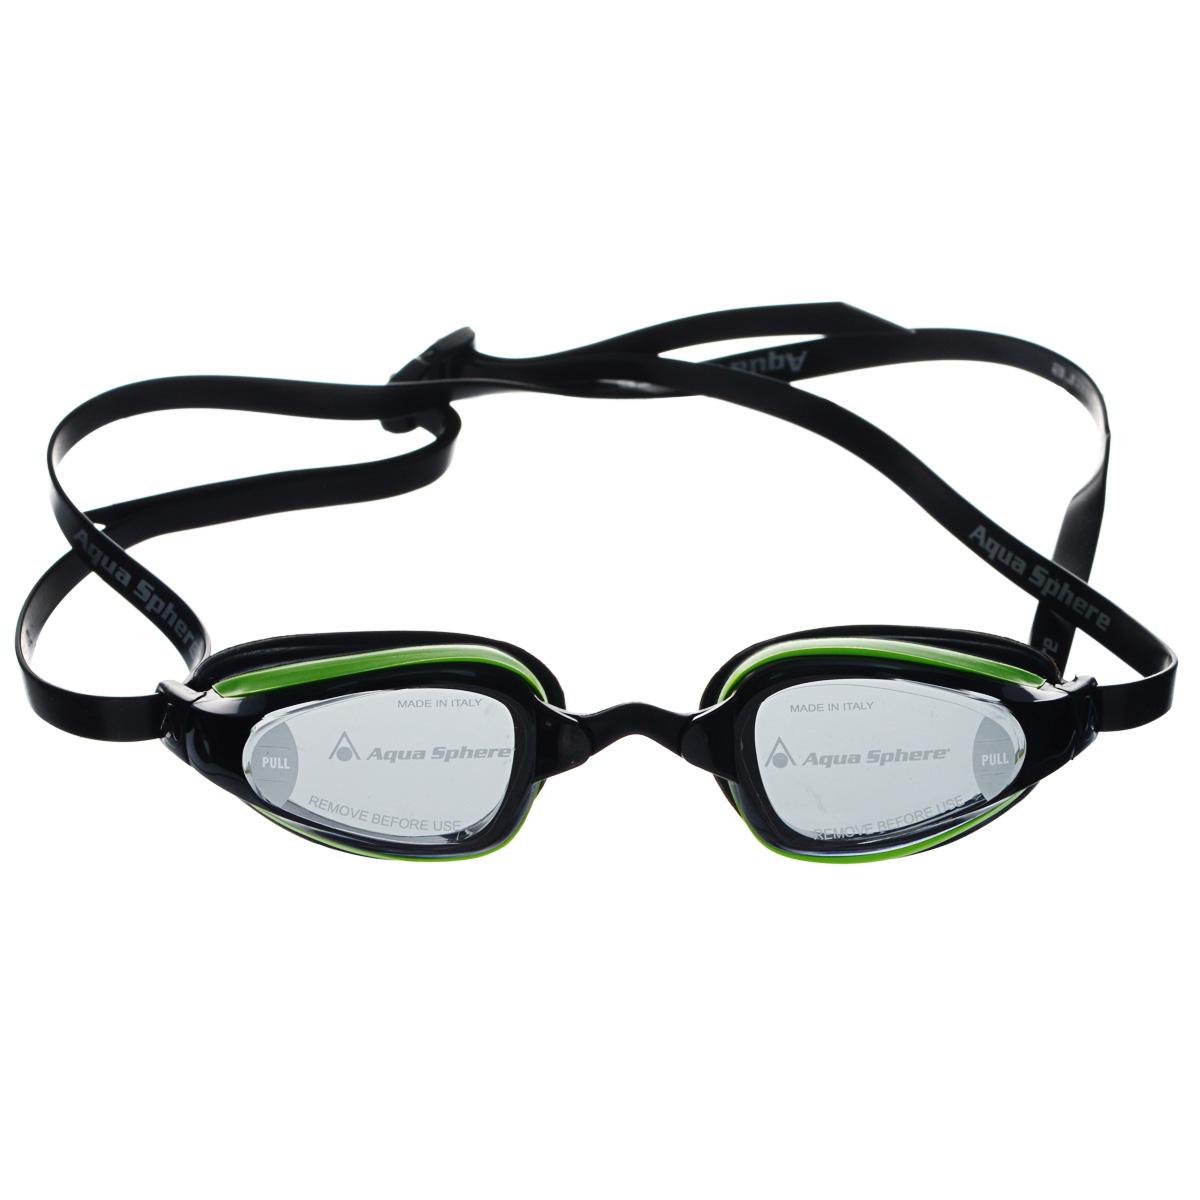 Очки для плавания Aqua Sphere K180+, цвет: зеленый, черныйTN 173070Очки для плавания Aqua Sphere K180+ спроектированы специально для тренировок на открытой воде и соревнований. Плотное прилегание к лицу обеспечивает хорошую обтекаемость и скорость движения. Благодаря сменным перемычкам можно менять расстояние между линзами. Запатентованные изогнутые линзы дают прекрасный обзор на 180° - без искажений. Очки дают 100% защиту от ультрафиолетового излучения. В комплекте 3 сменных перемычки.